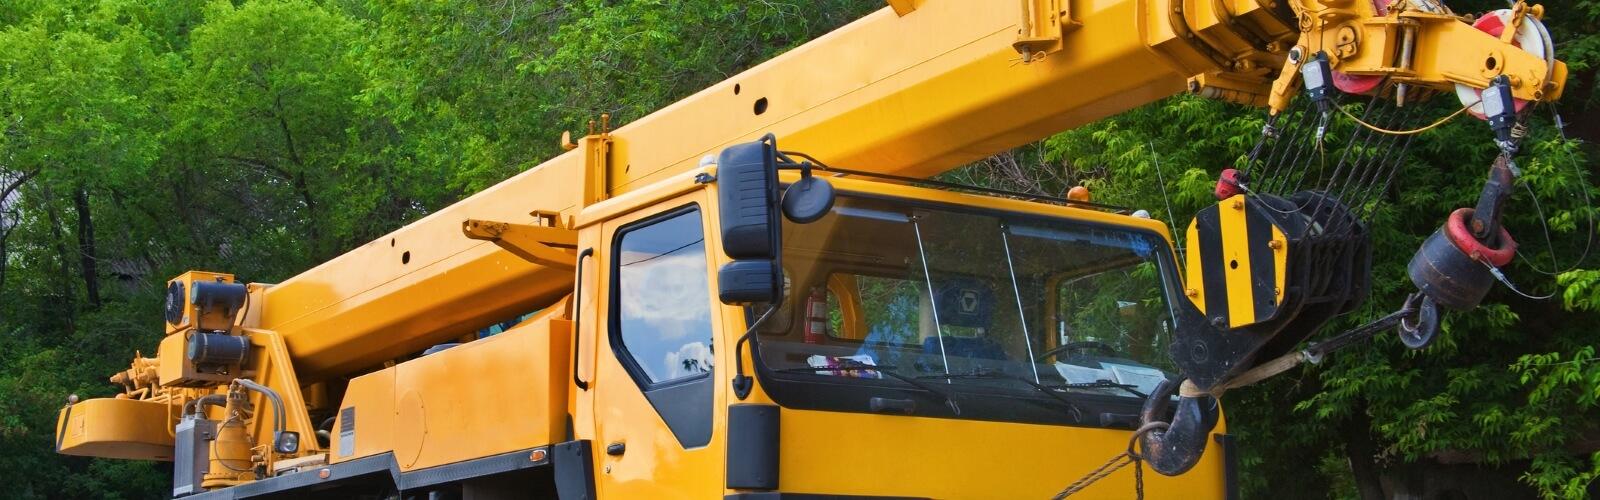 Mobile Crane Hire in Lincoln